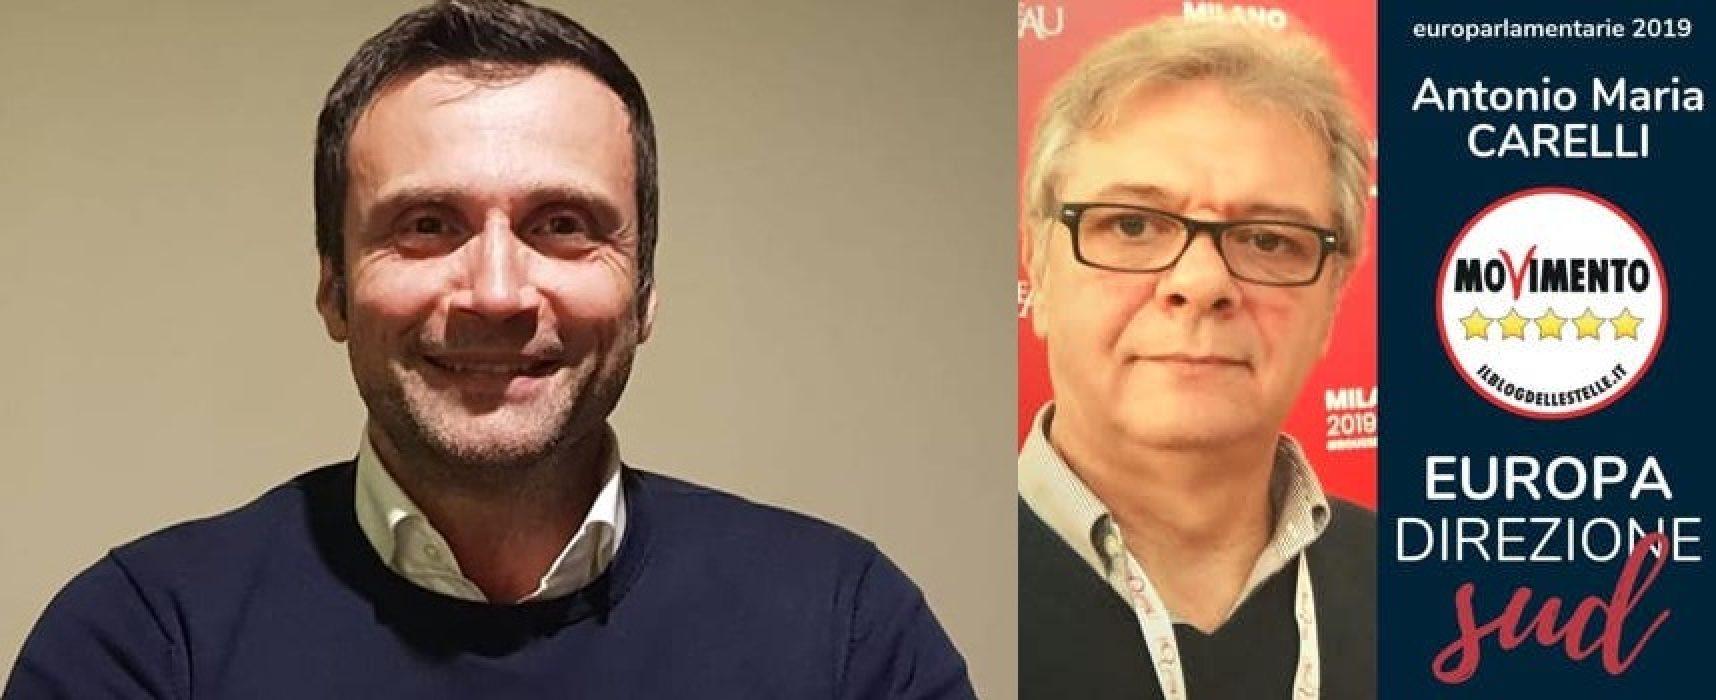 Europarlamentarie M5s, Mastrototaro e Carelli si fermano alla prima fase